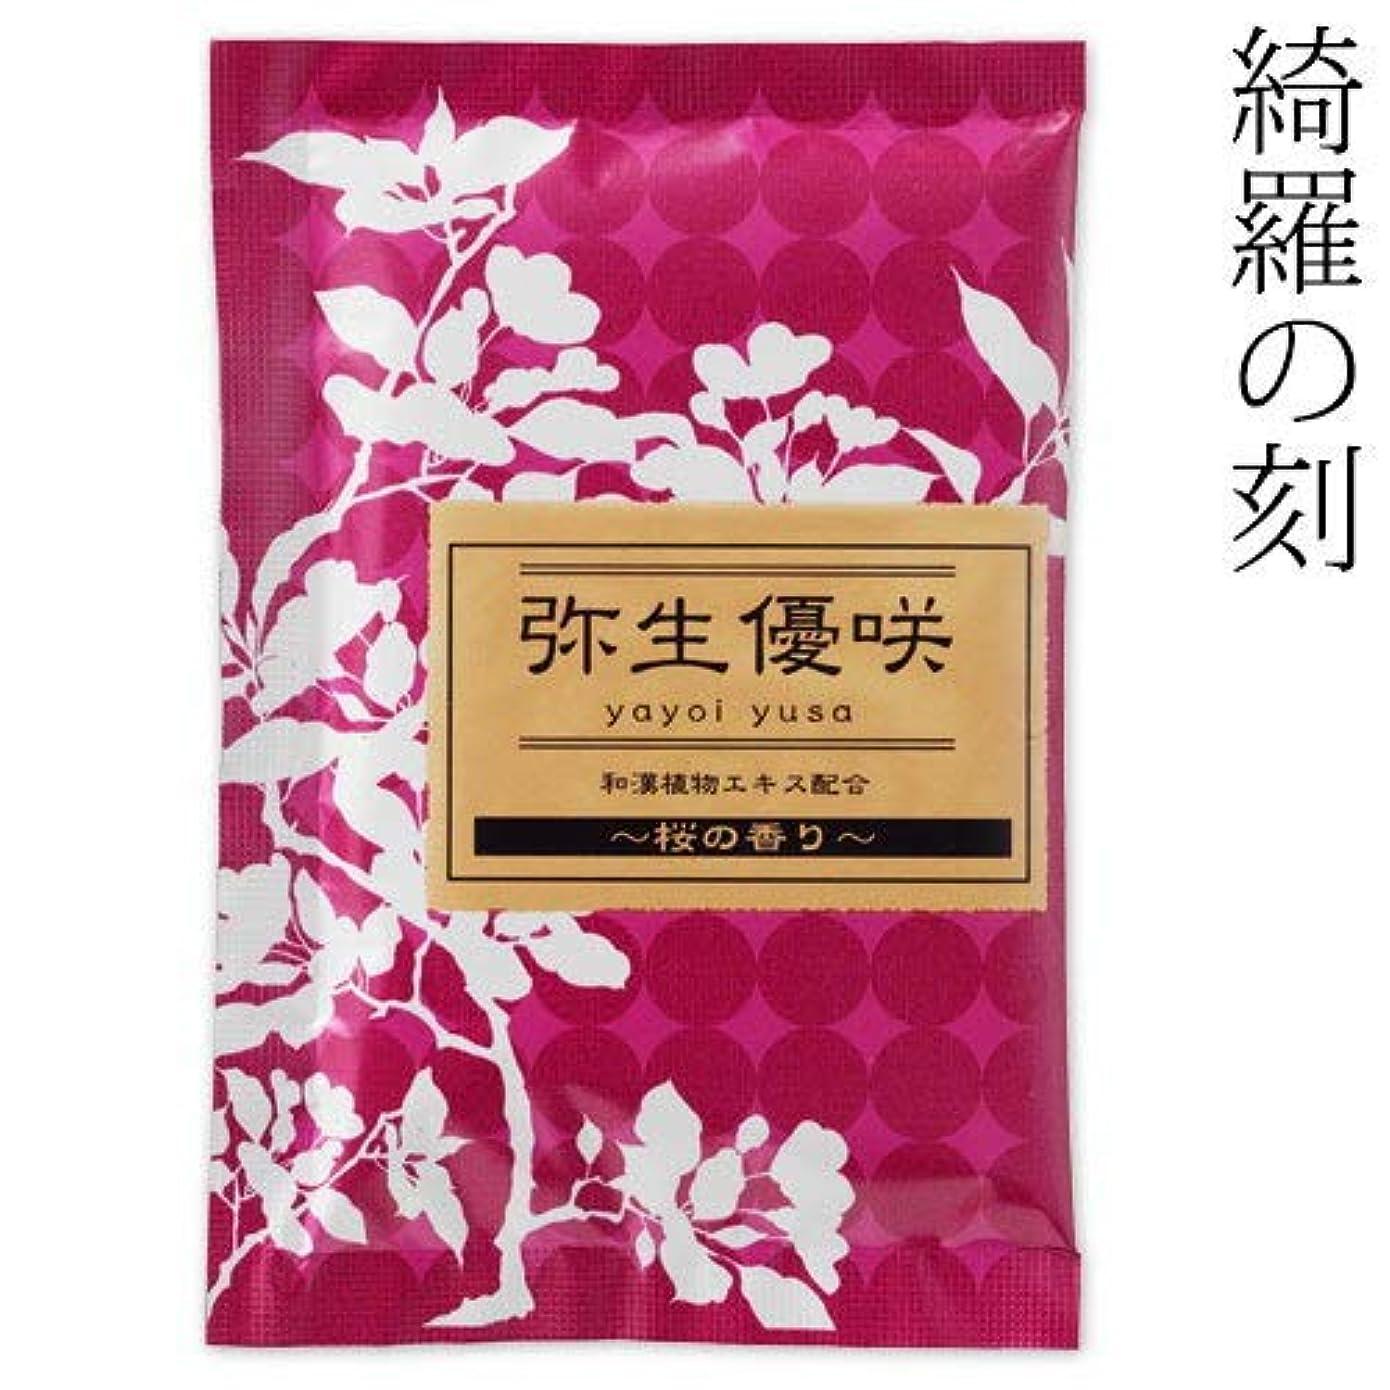 あなたが良くなります有益な名前を作る入浴剤綺羅の刻桜の香り弥生優咲1包石川県のお風呂グッズBath additive, Ishikawa craft